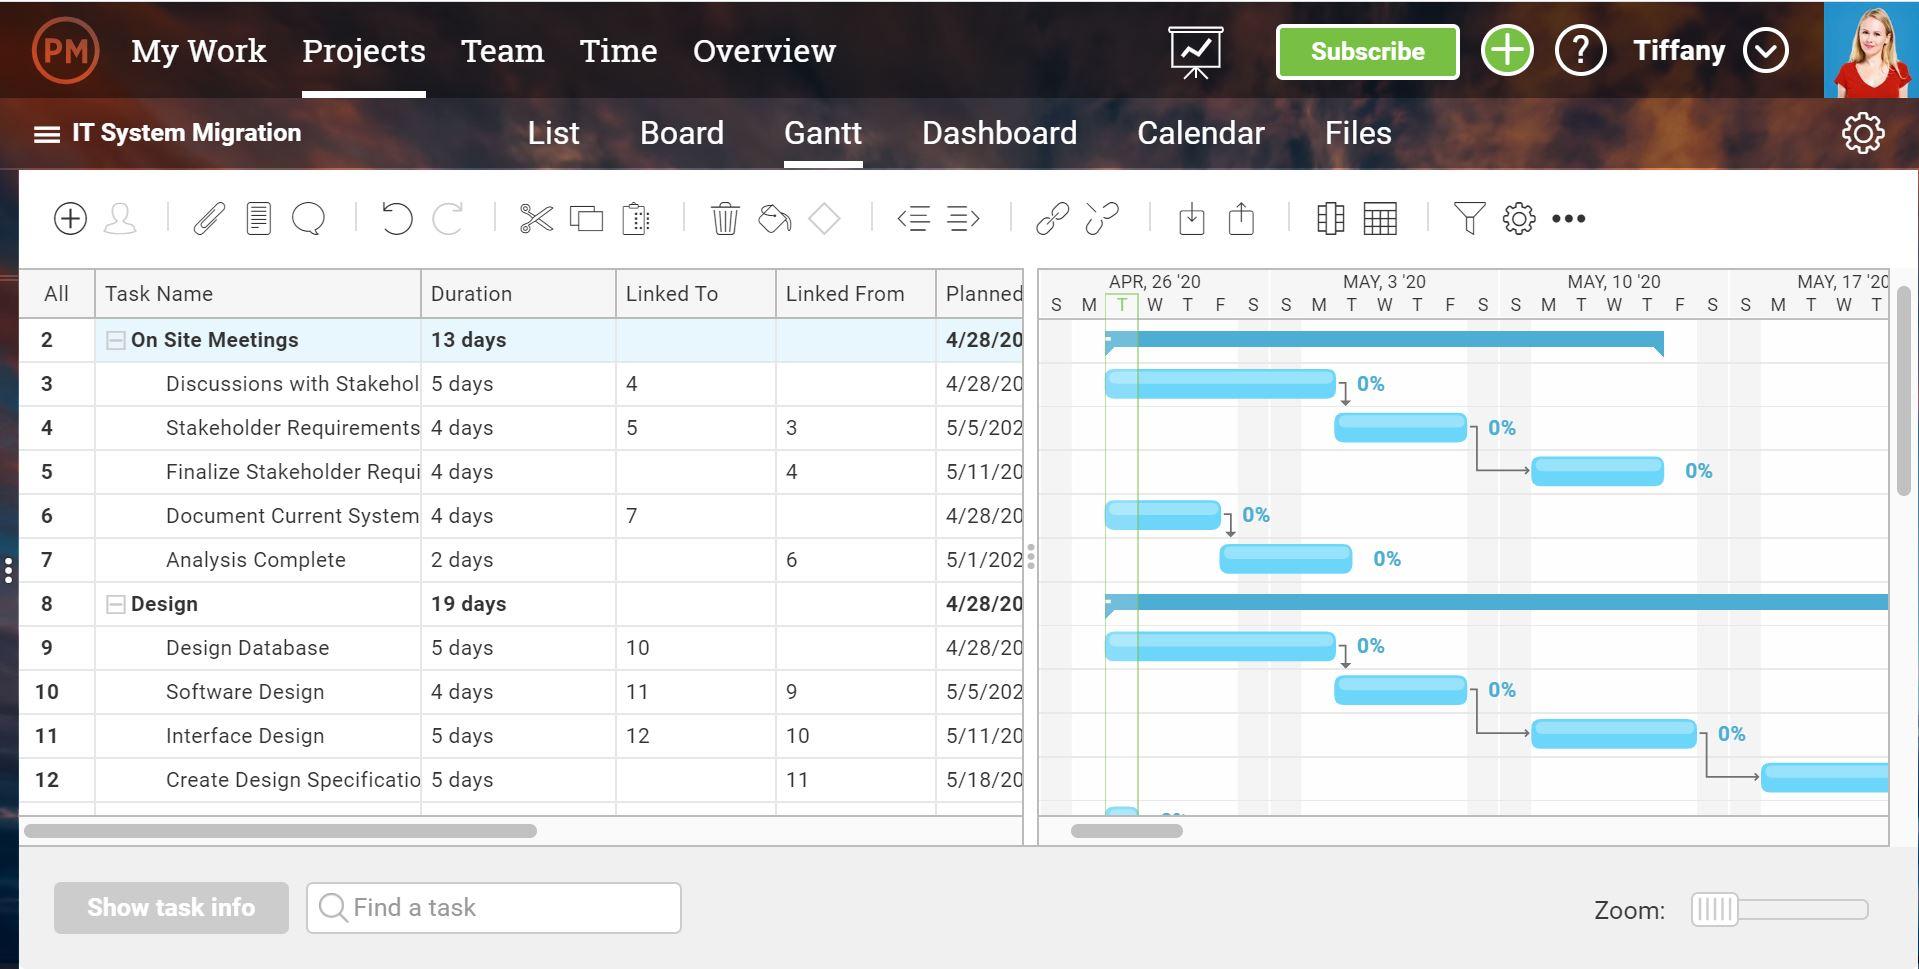 Una captura de pantalla del creador de diagramas de Gantt con dependencias de tareas